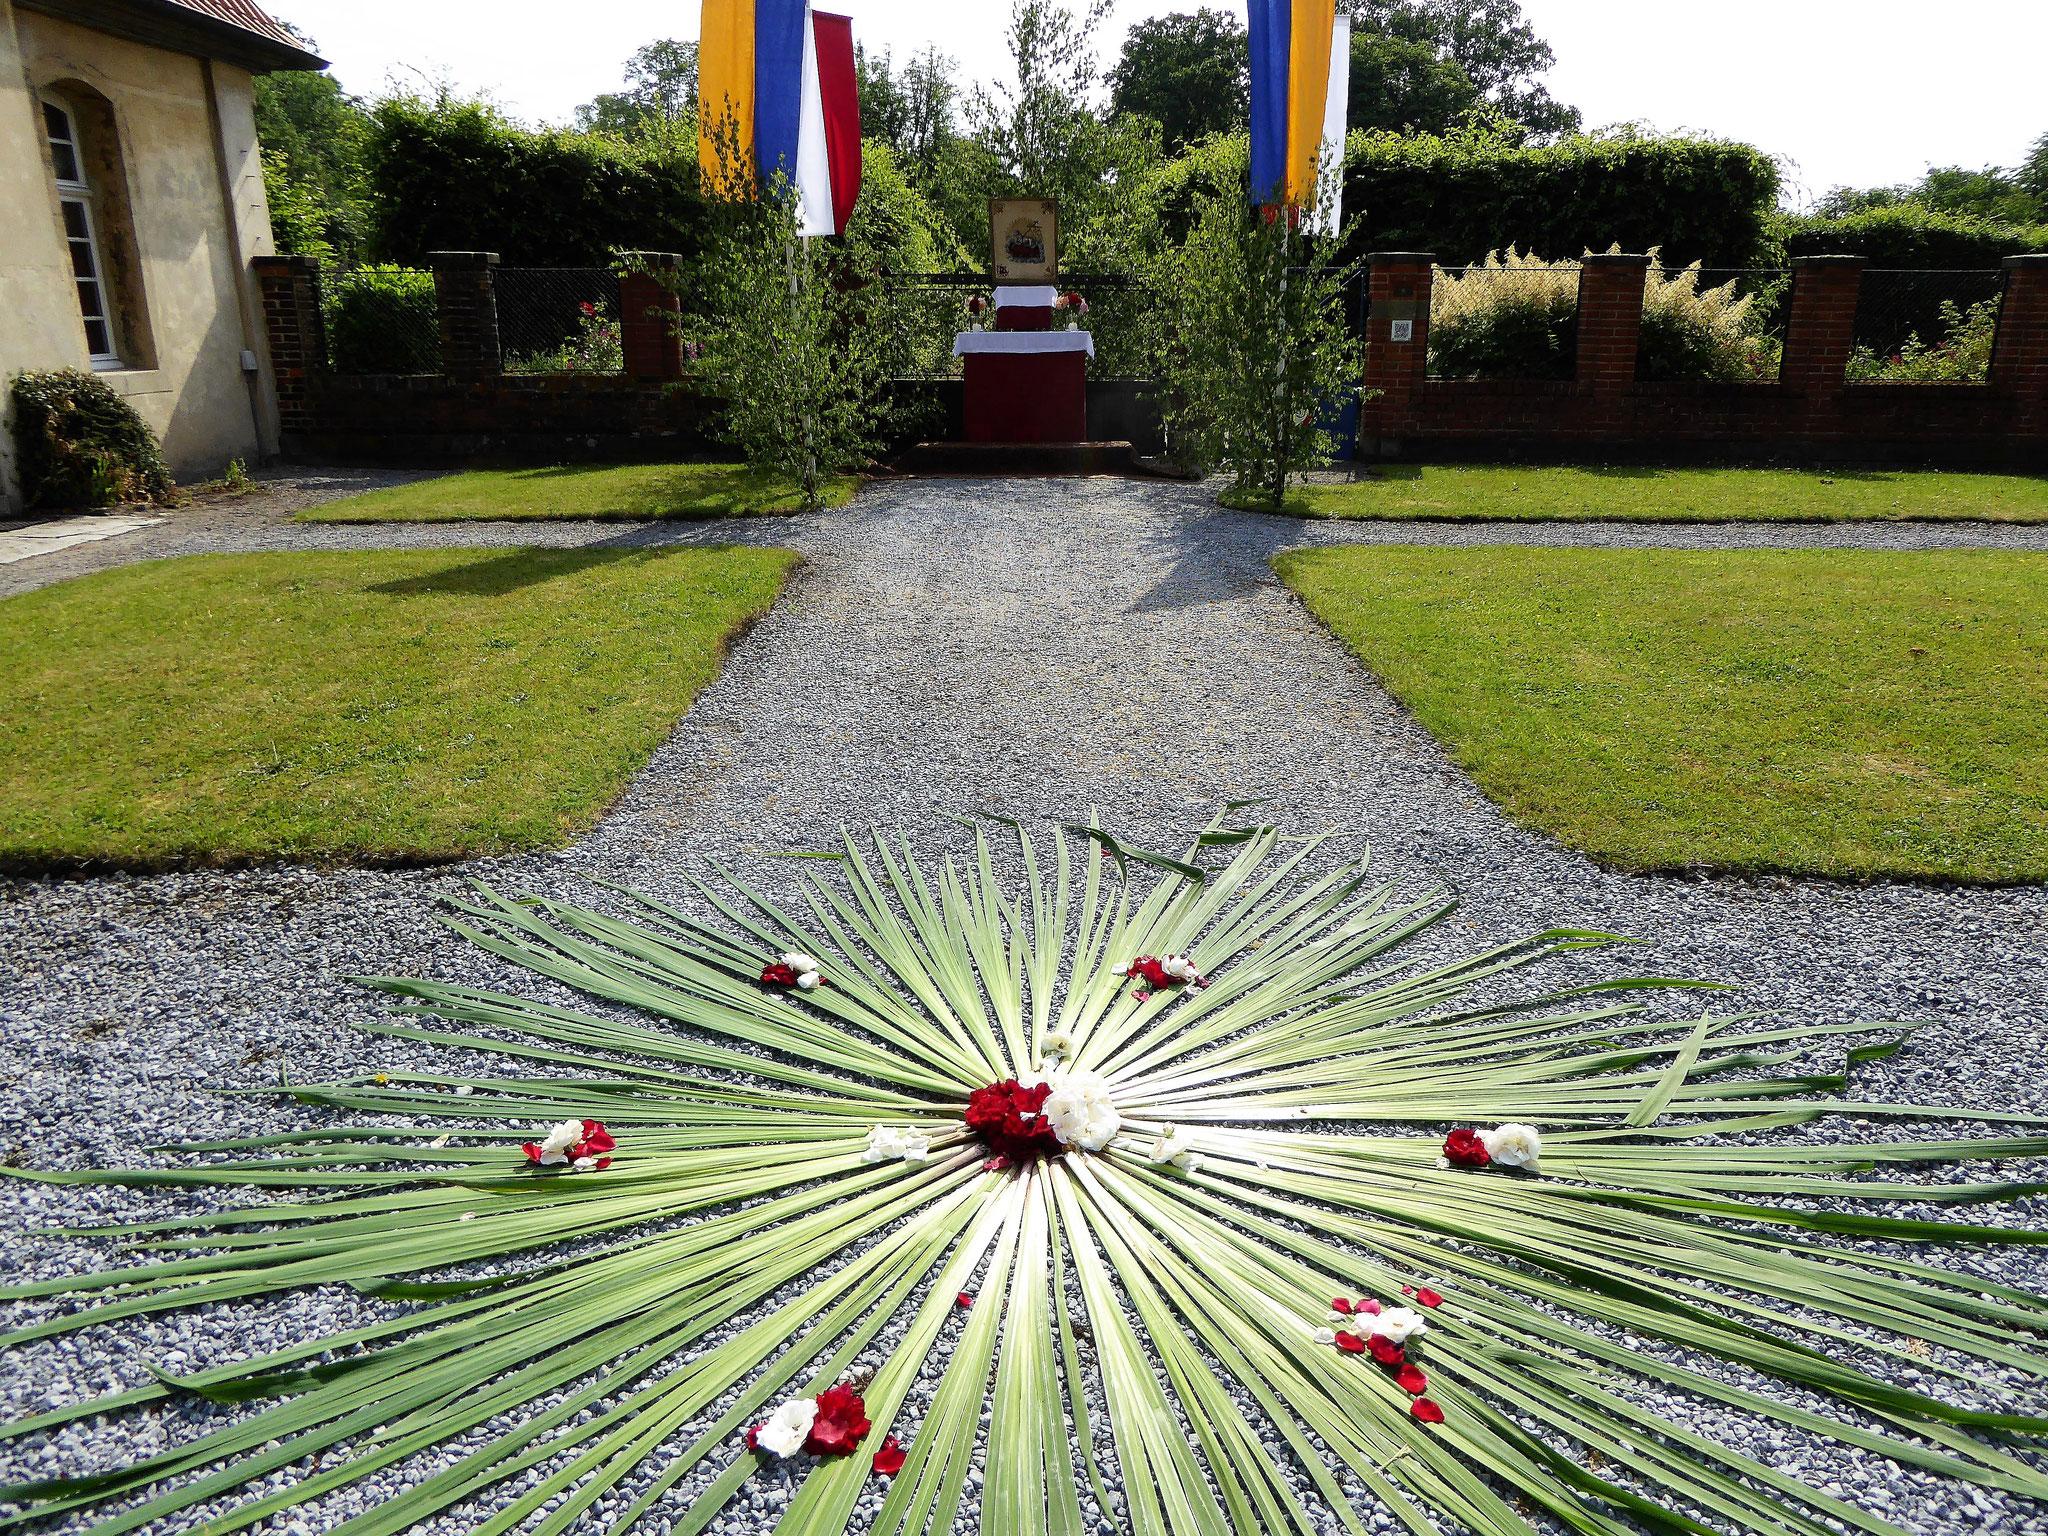 1. Station - Altar am Eingang zum Barockgarten